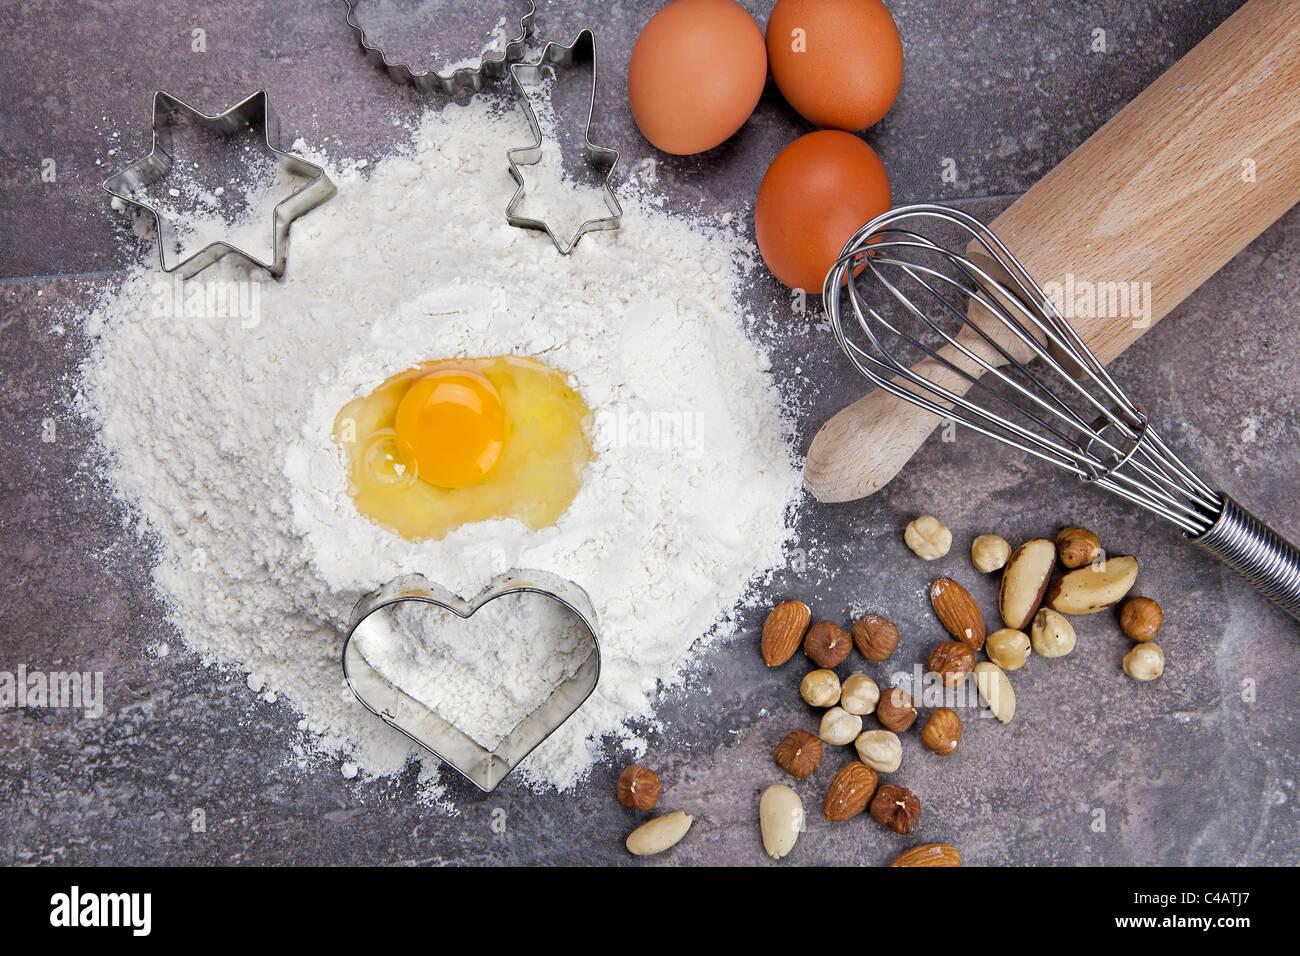 Ingrédients de base pour la préparation de la pâte à cookies Photo Stock